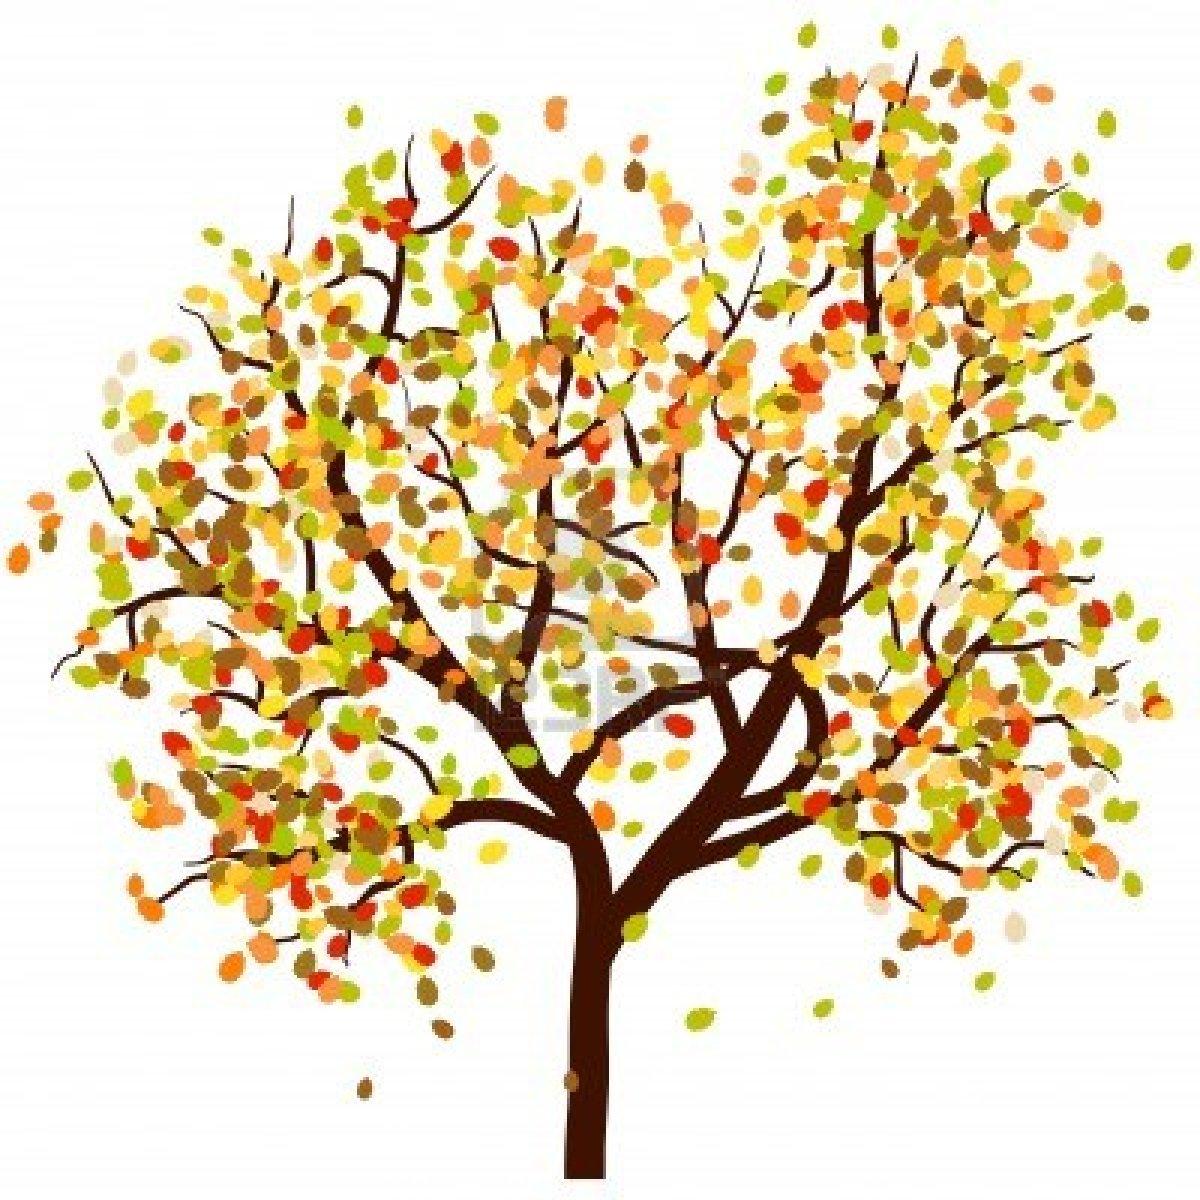 Chalkboard art clipart tree autumn jpg transparent library Free autumn tree clipart - ClipartFest jpg transparent library